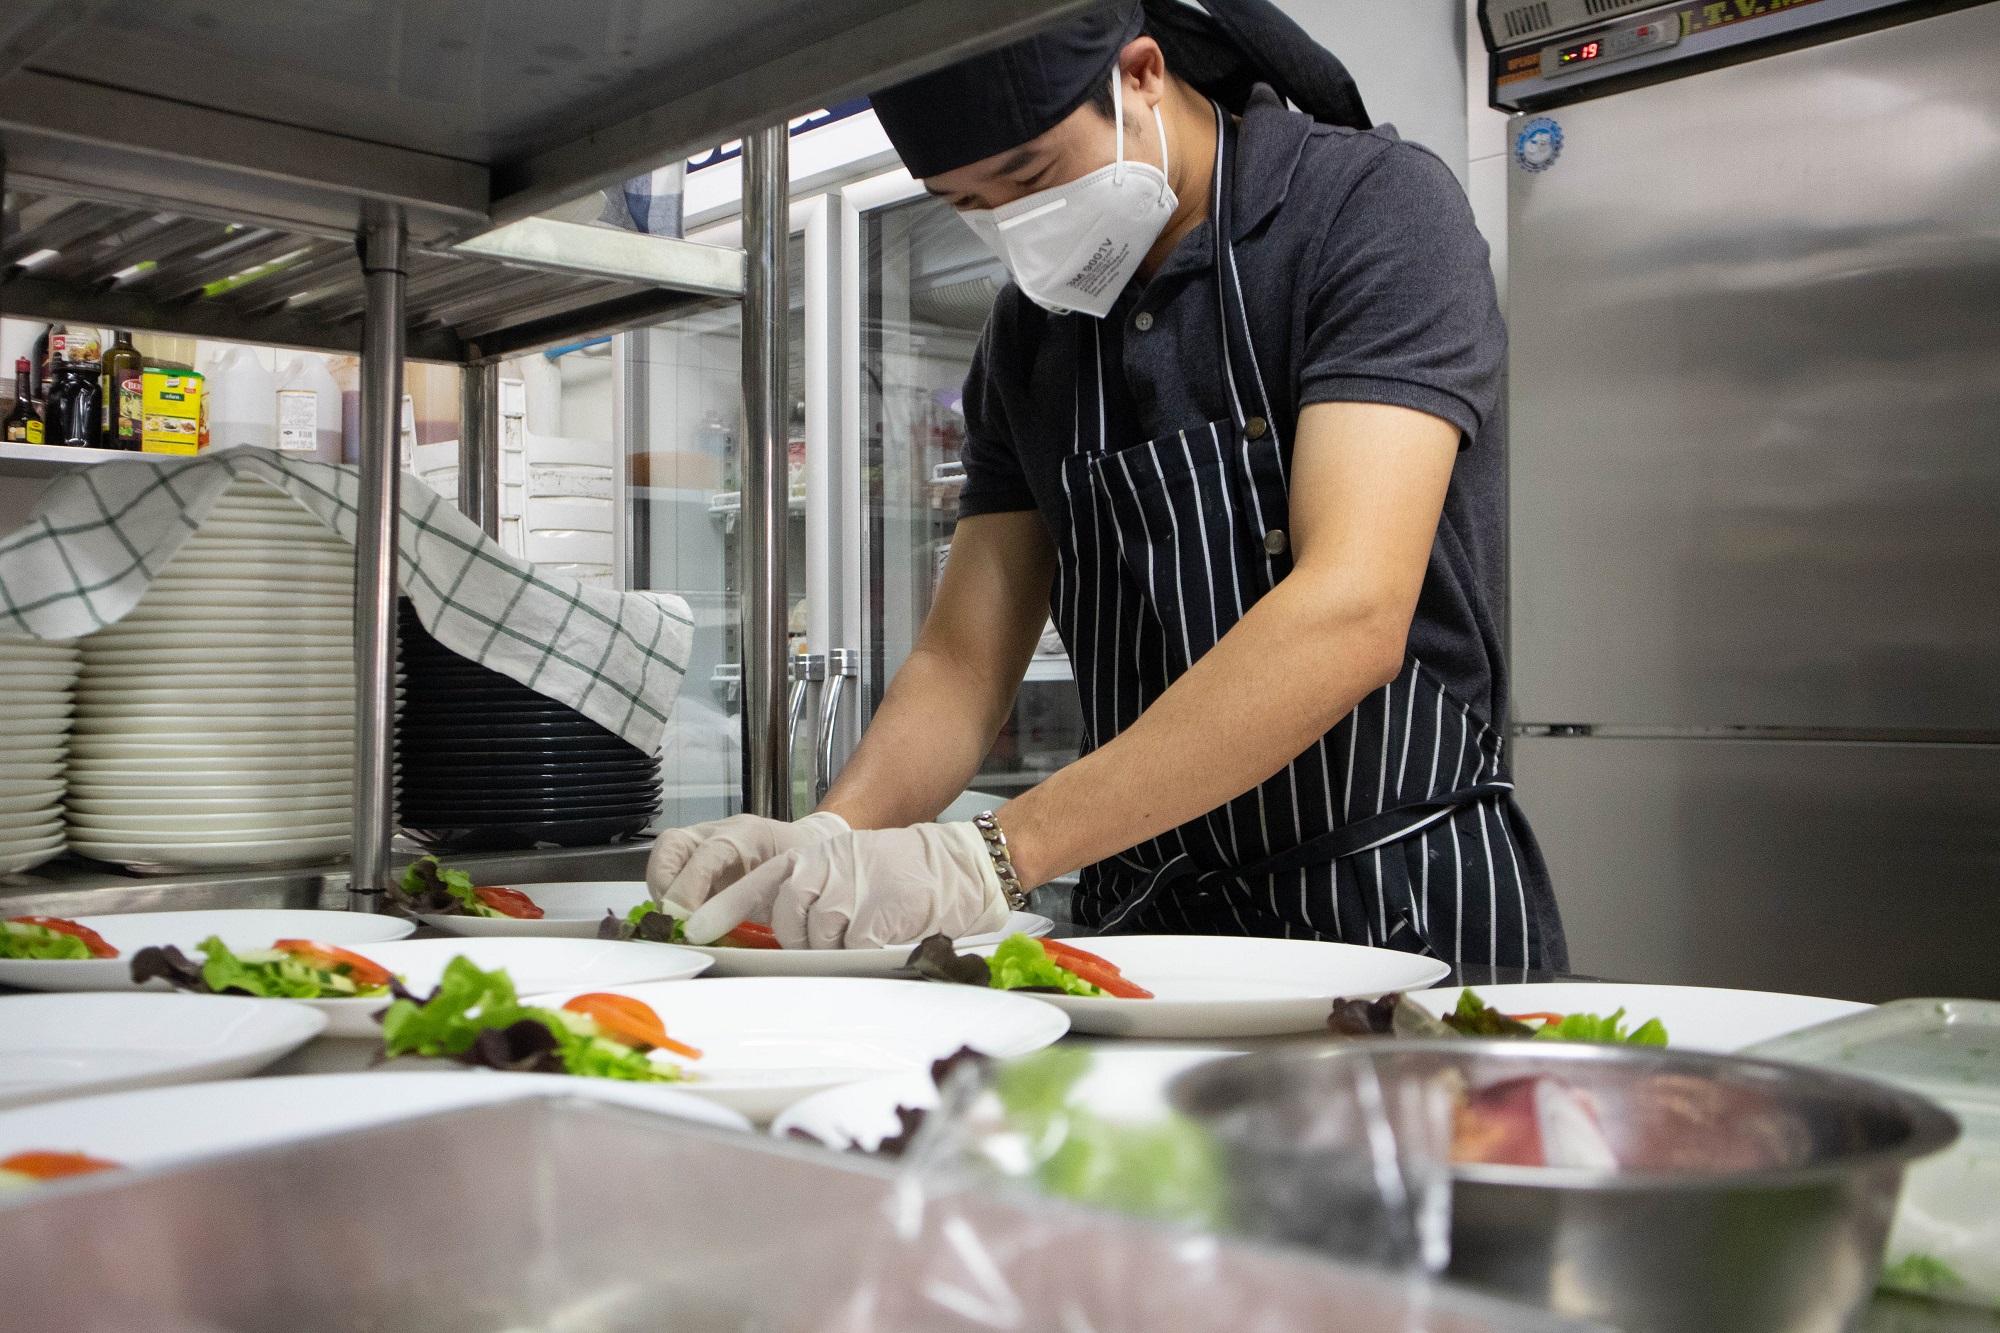 การปรุงอาหารนอกจากอร่อยแล้ว ยังต้องสะอาดทุกขั้นตอน